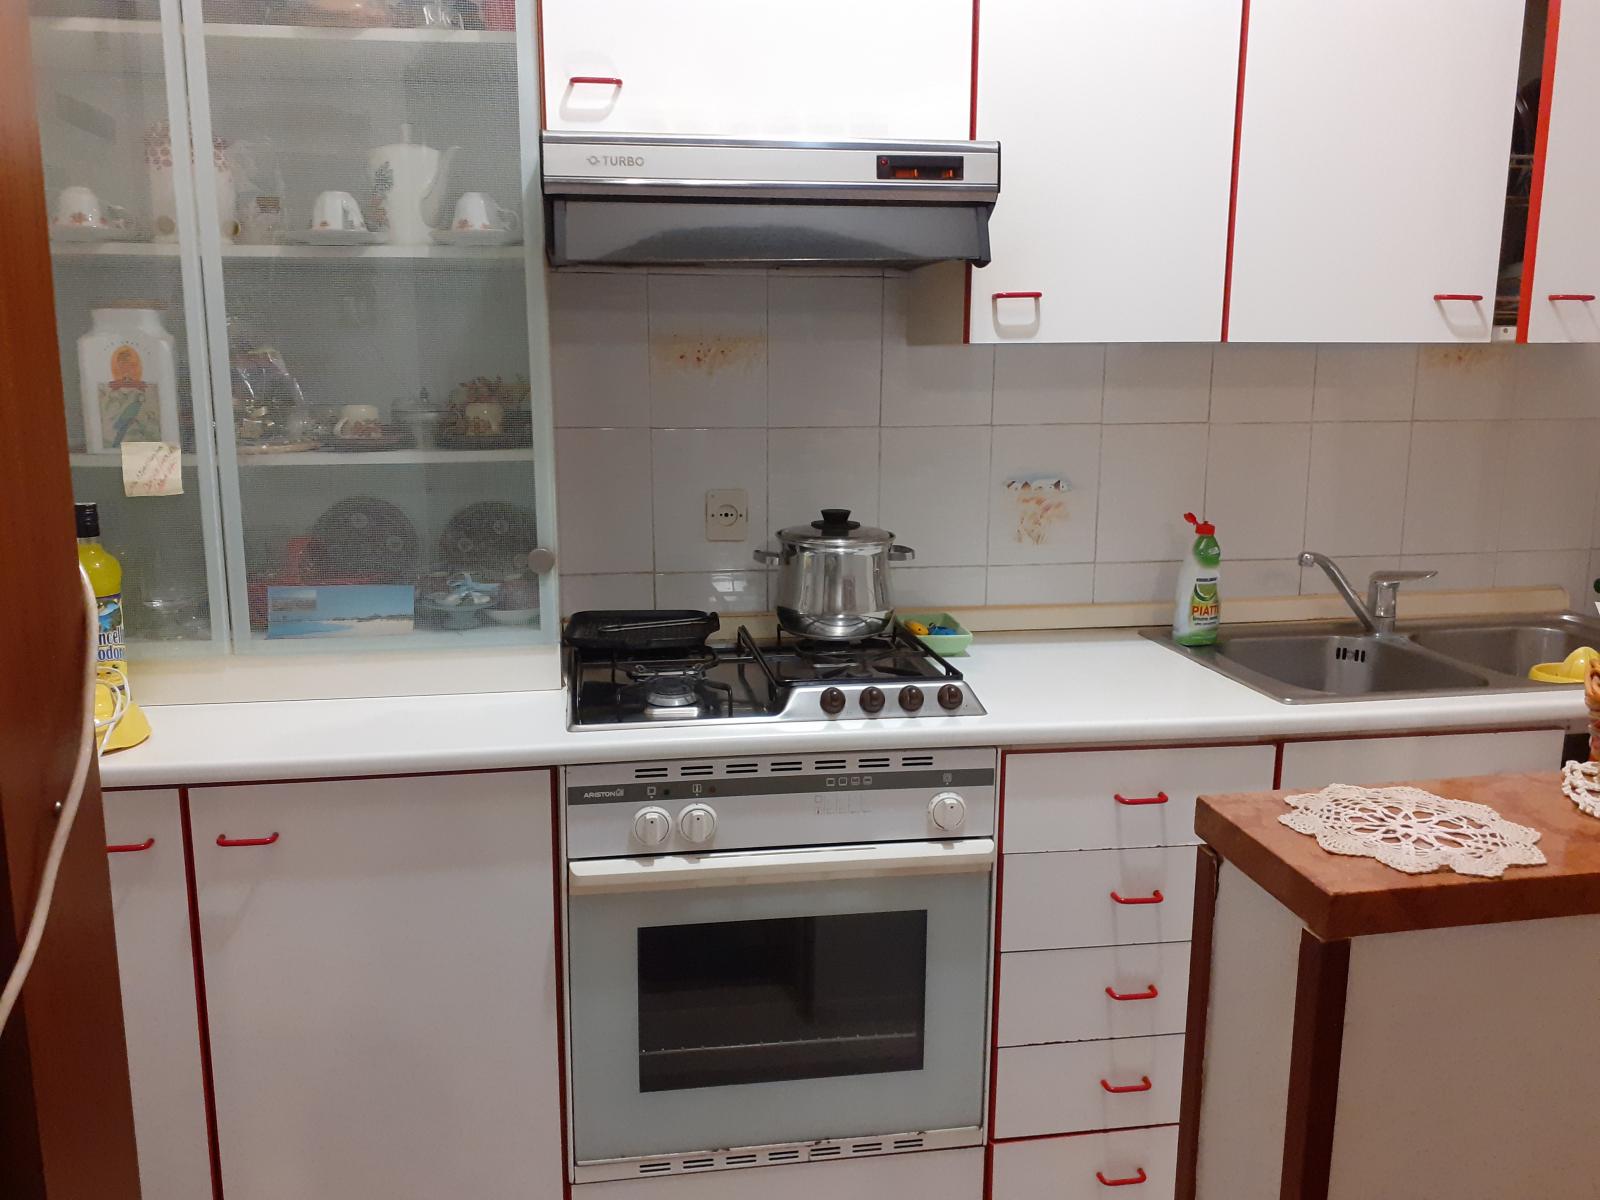 appartamento-in-vendita-a-baggio-milano-2-locali-bilocale-spaziourbano-immobiliare-vende-7